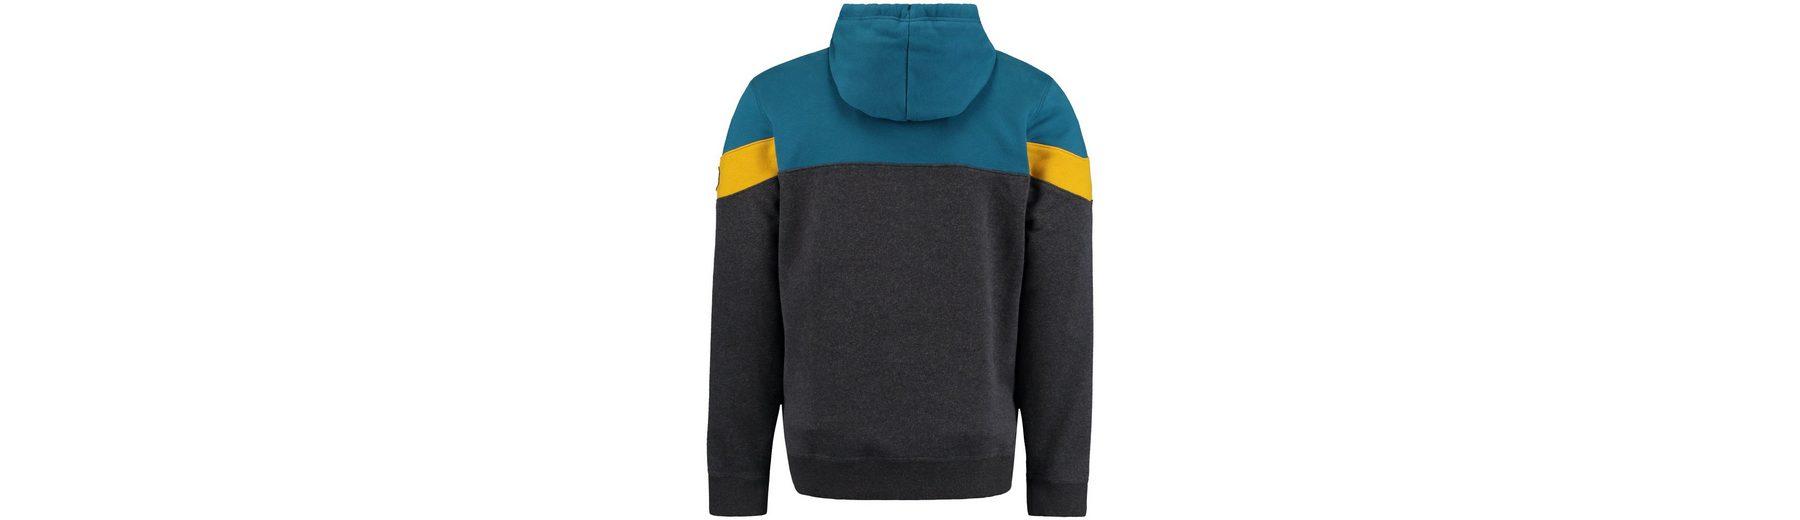 Footlocker Finish Günstig Online Rabatt Billig O'Neill Kapuzensweatshirt Retro Rabatt Bester Verkauf Neueste EtX1WK